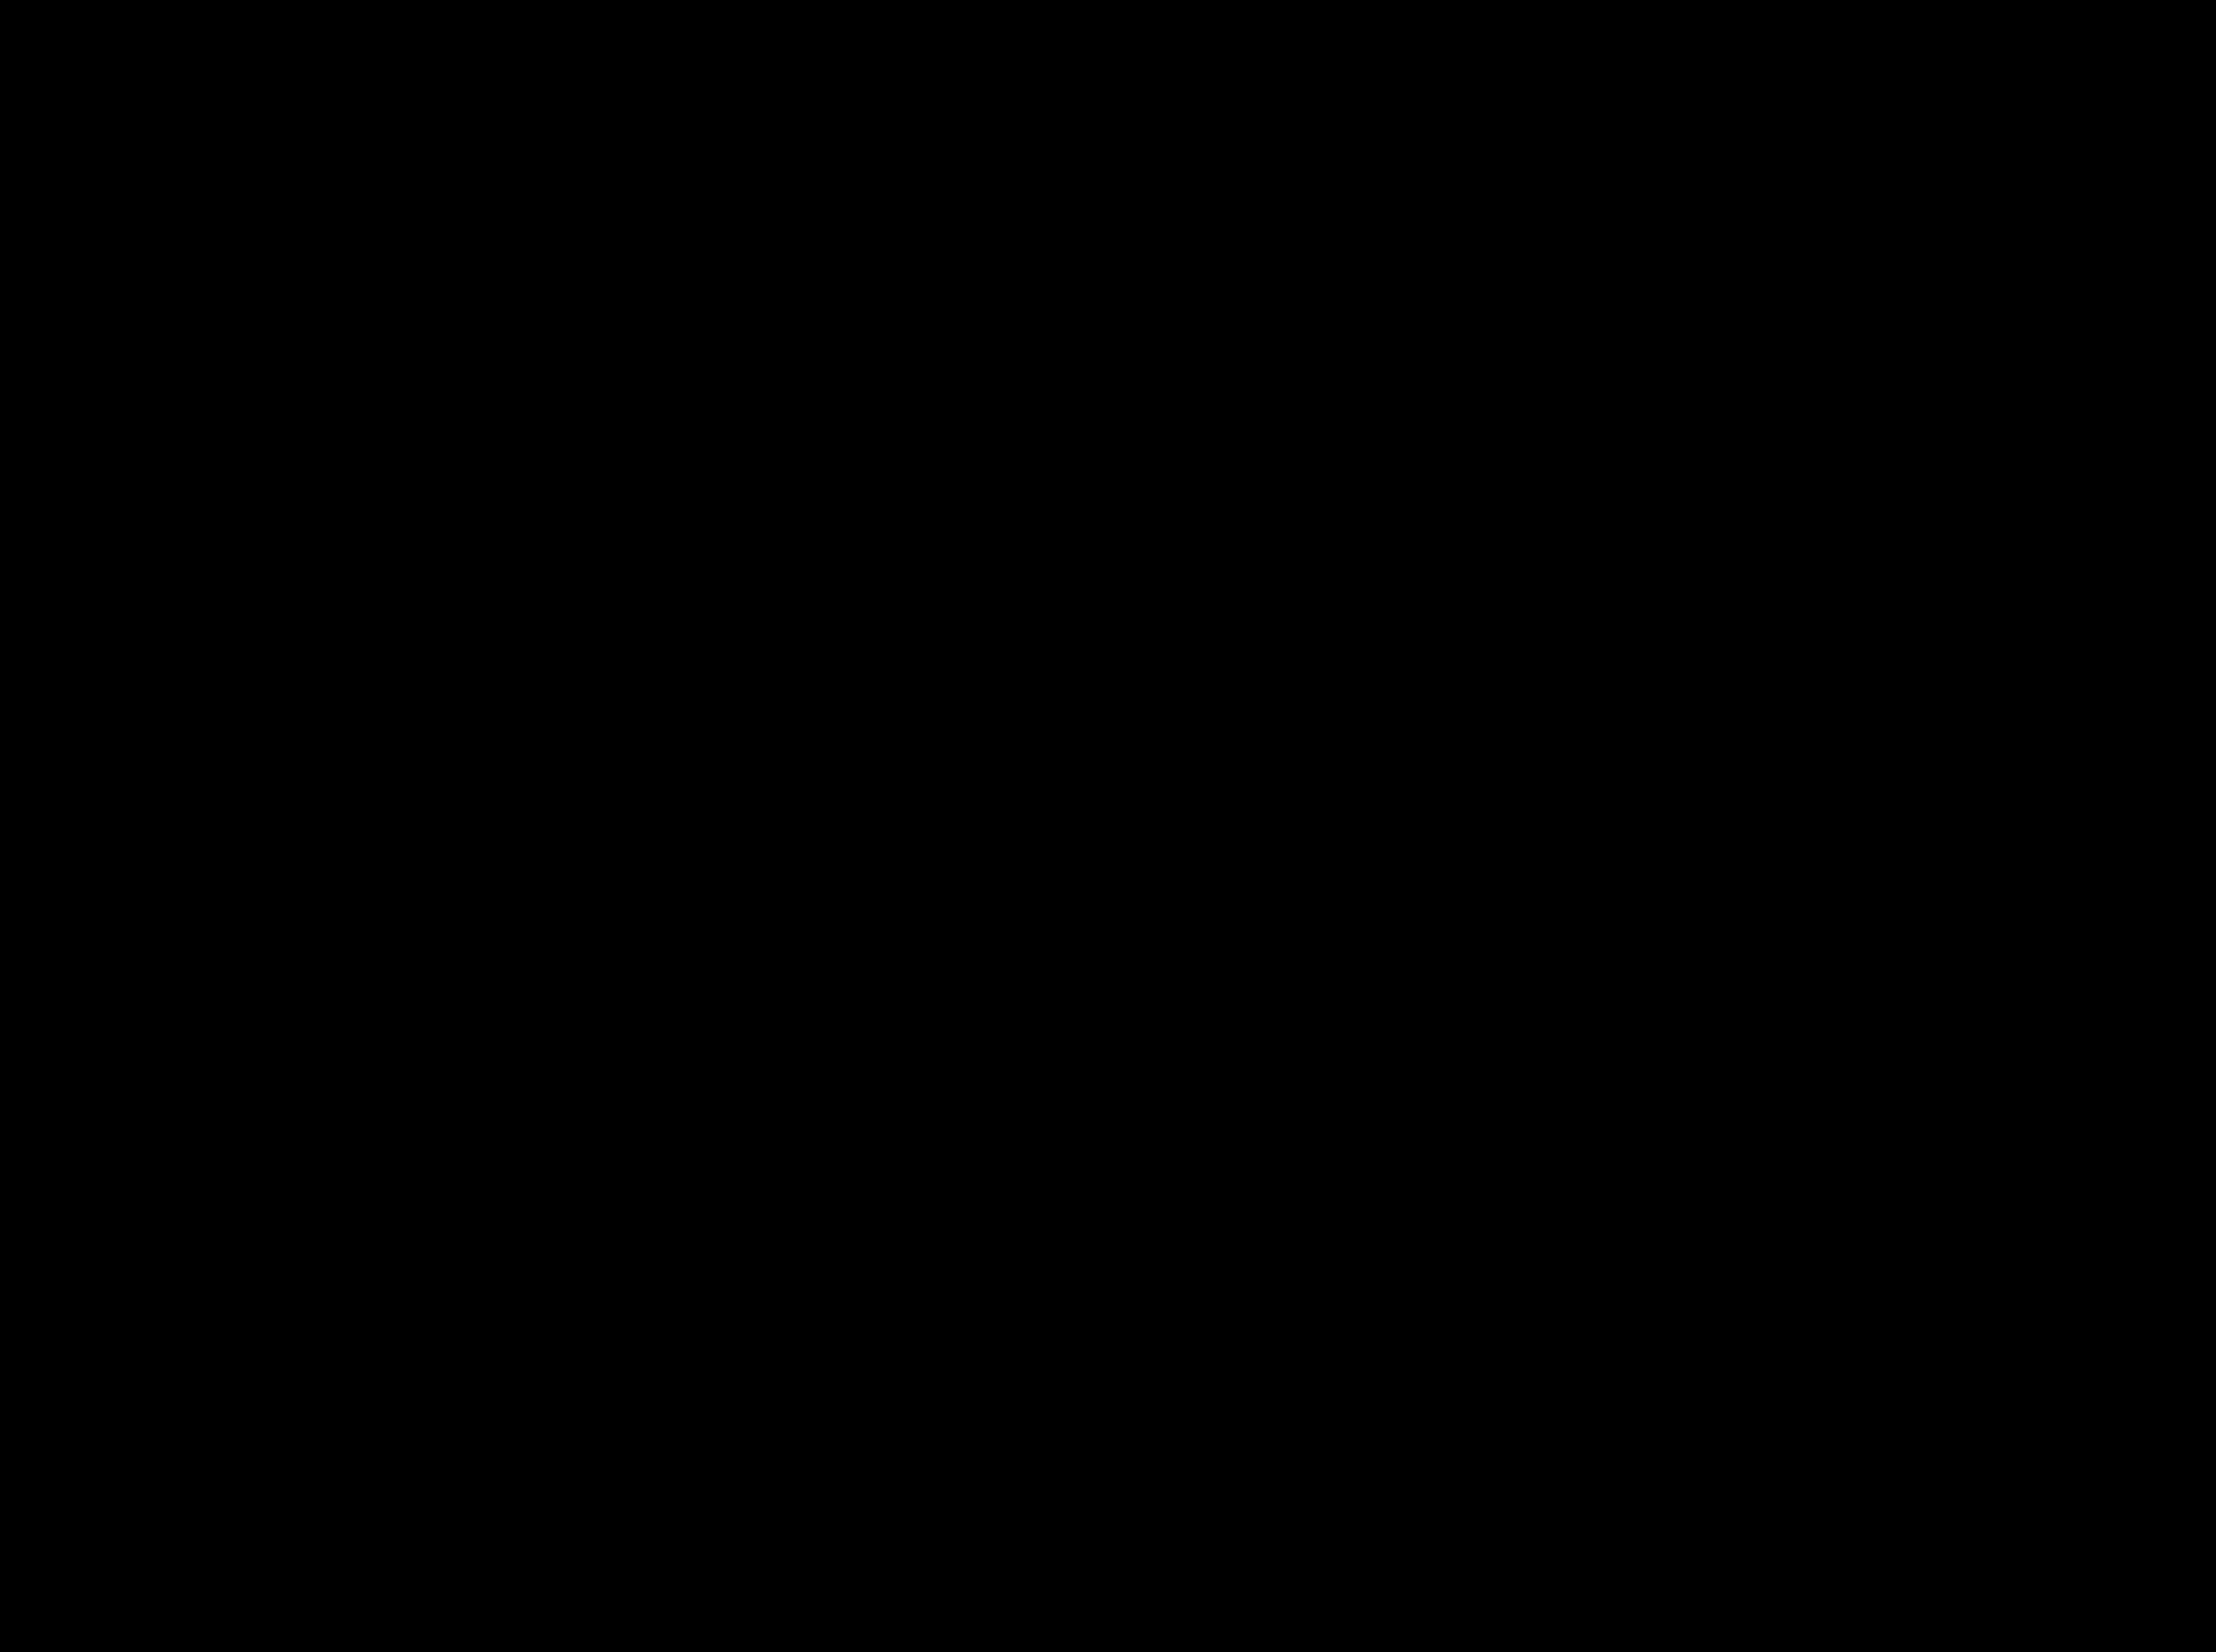 Elektrischer Stromkreis - Physik Artikel » Serlo.org